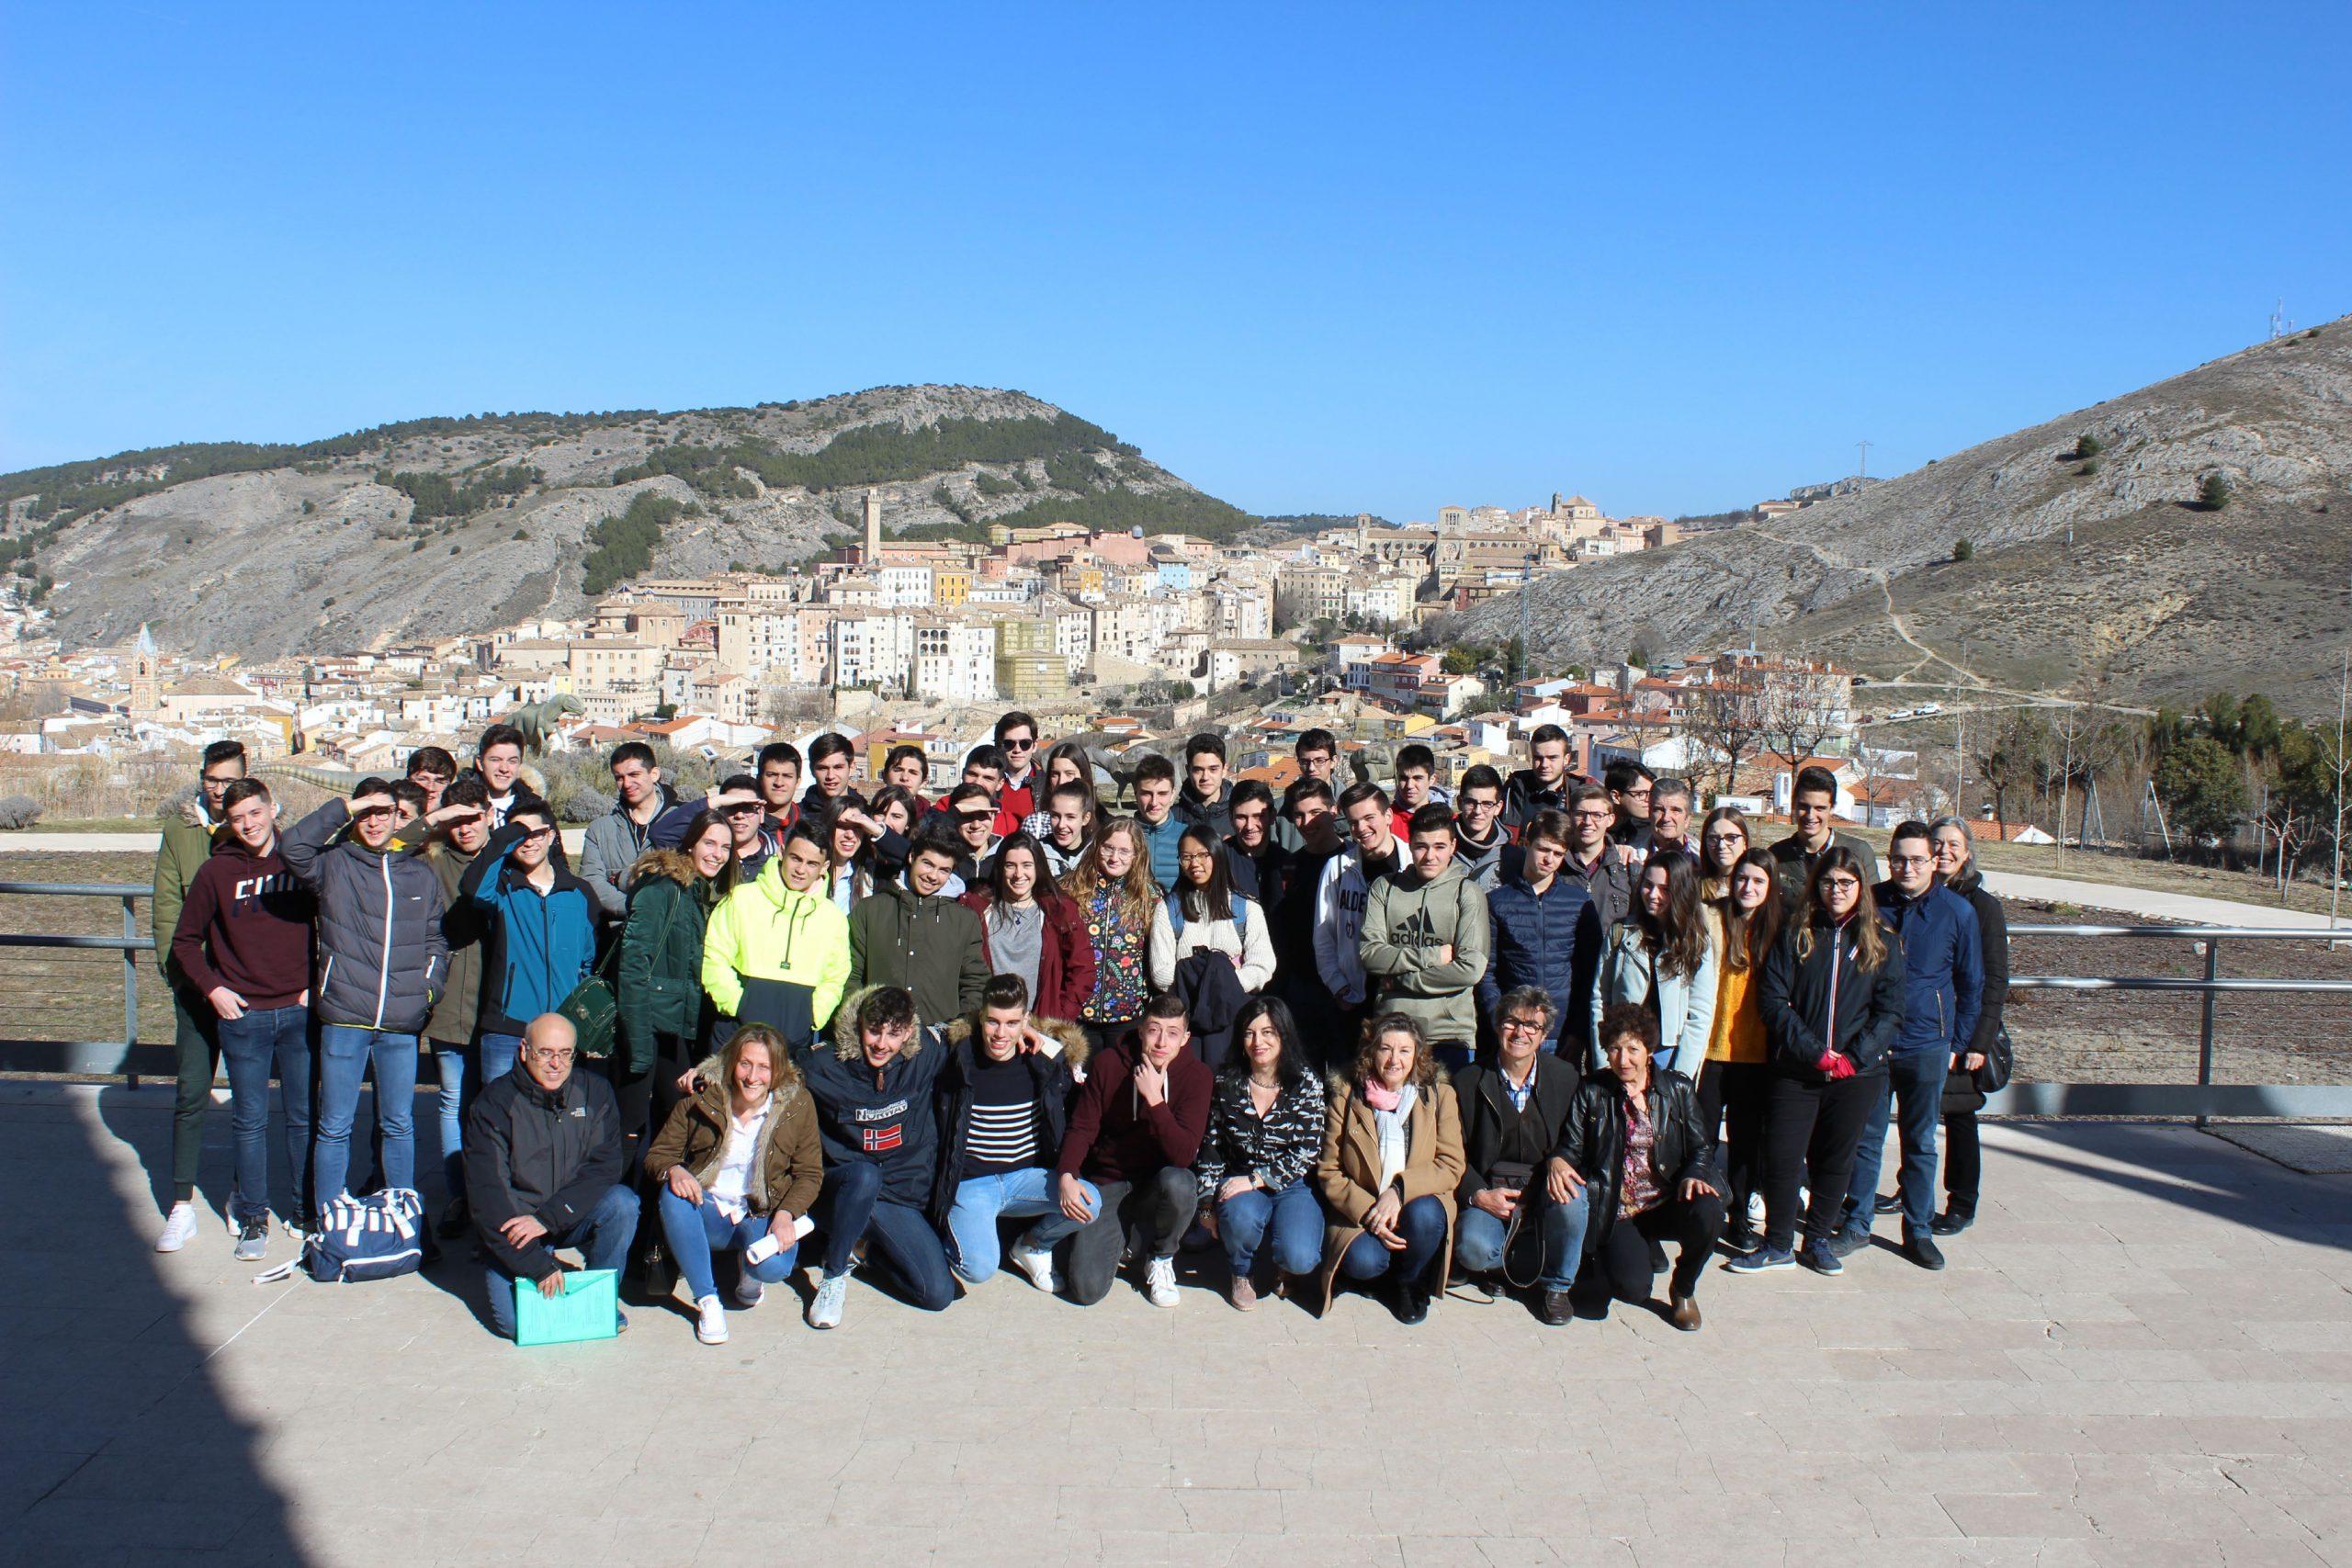 El Museo de Paleontología de C-LM acoge por tercer año consecutivo las pruebas de selección de la X Olimpiada de Geología de la provincia de Cuenca